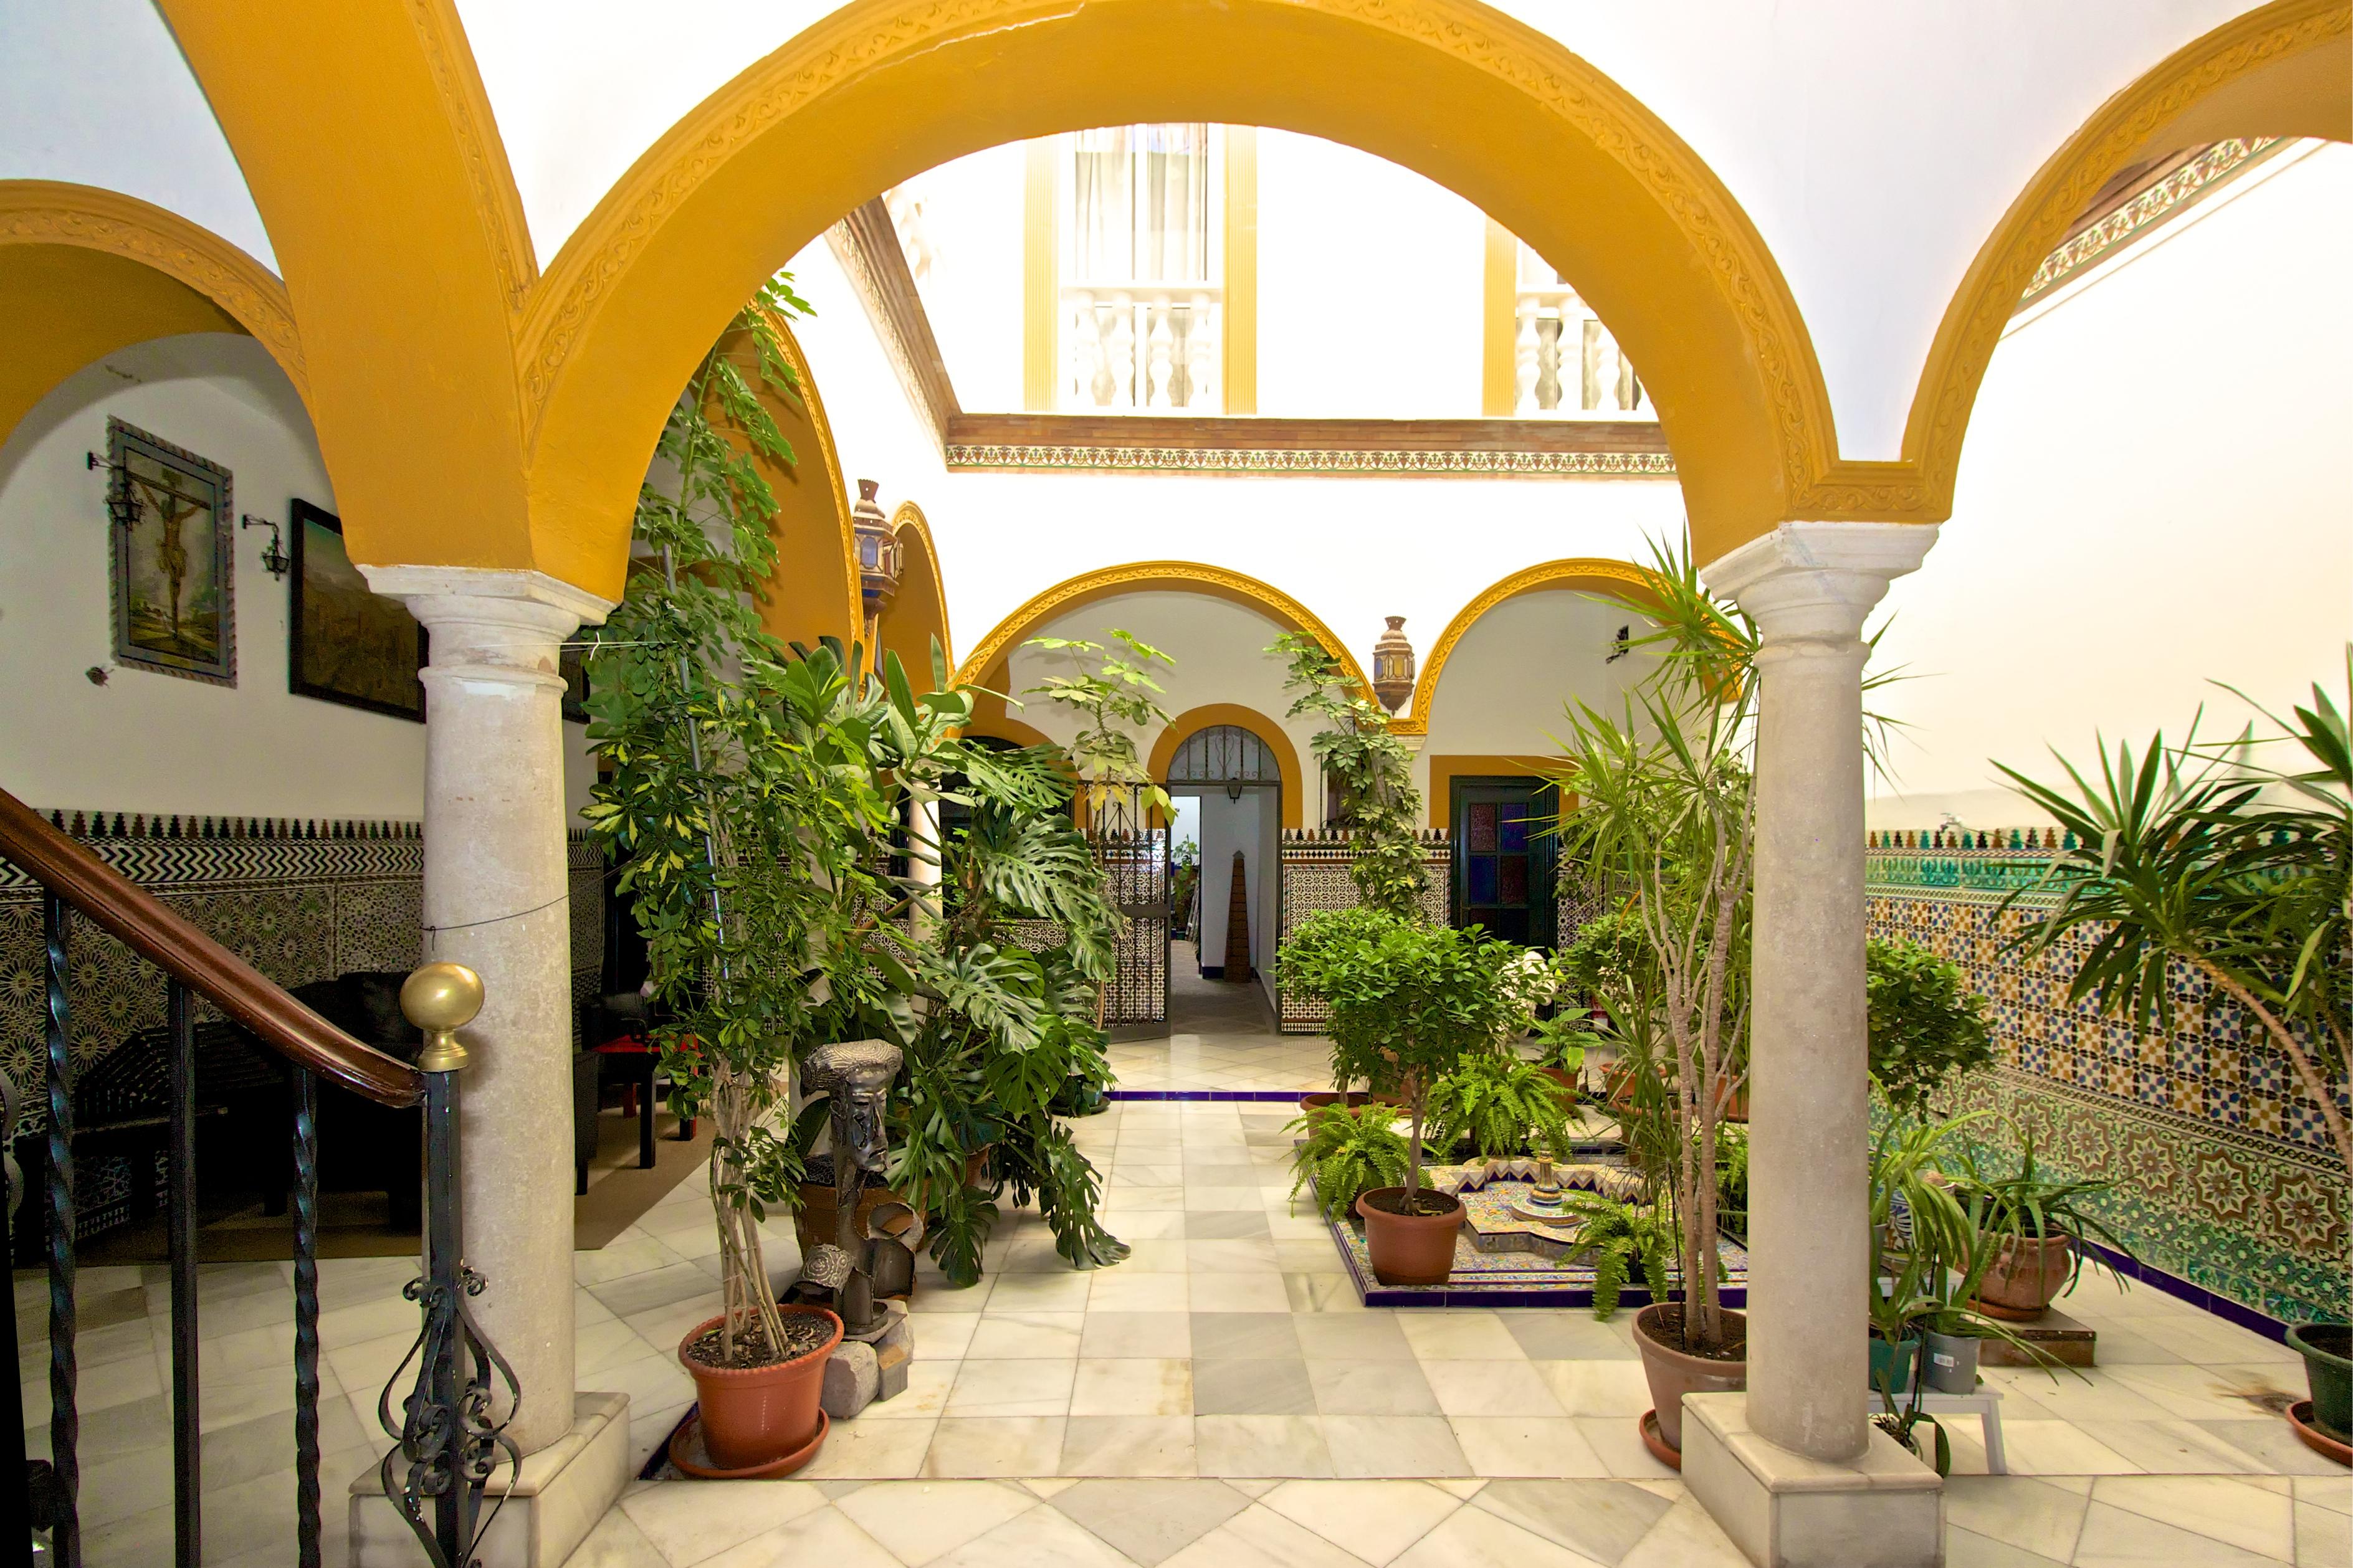 Casa palacio andaluza con arte y historia c ntrica y for Casa andaluza